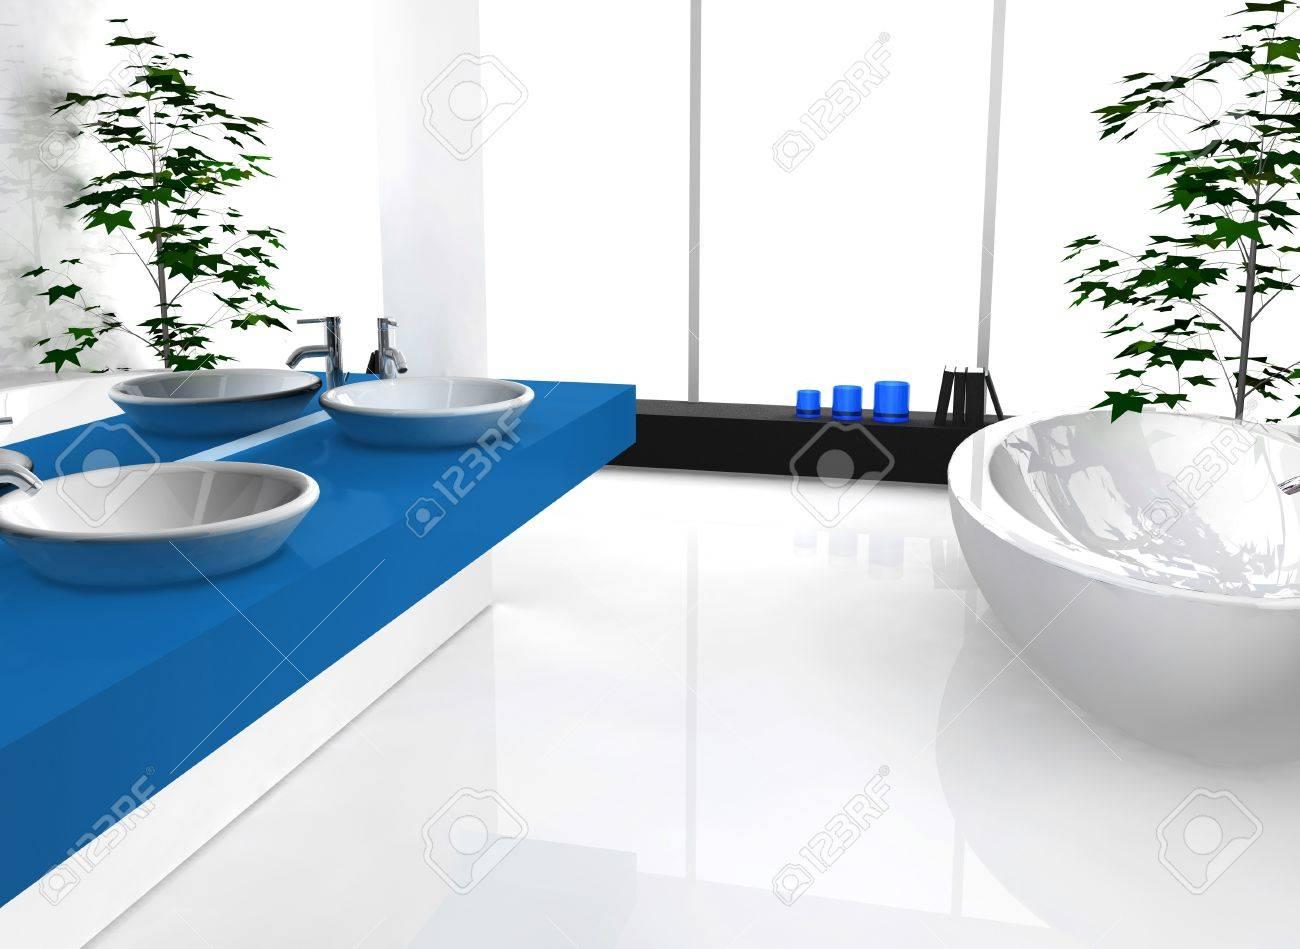 Home Interior Of A Contemporary Blue Bathroom With Modern Design ...